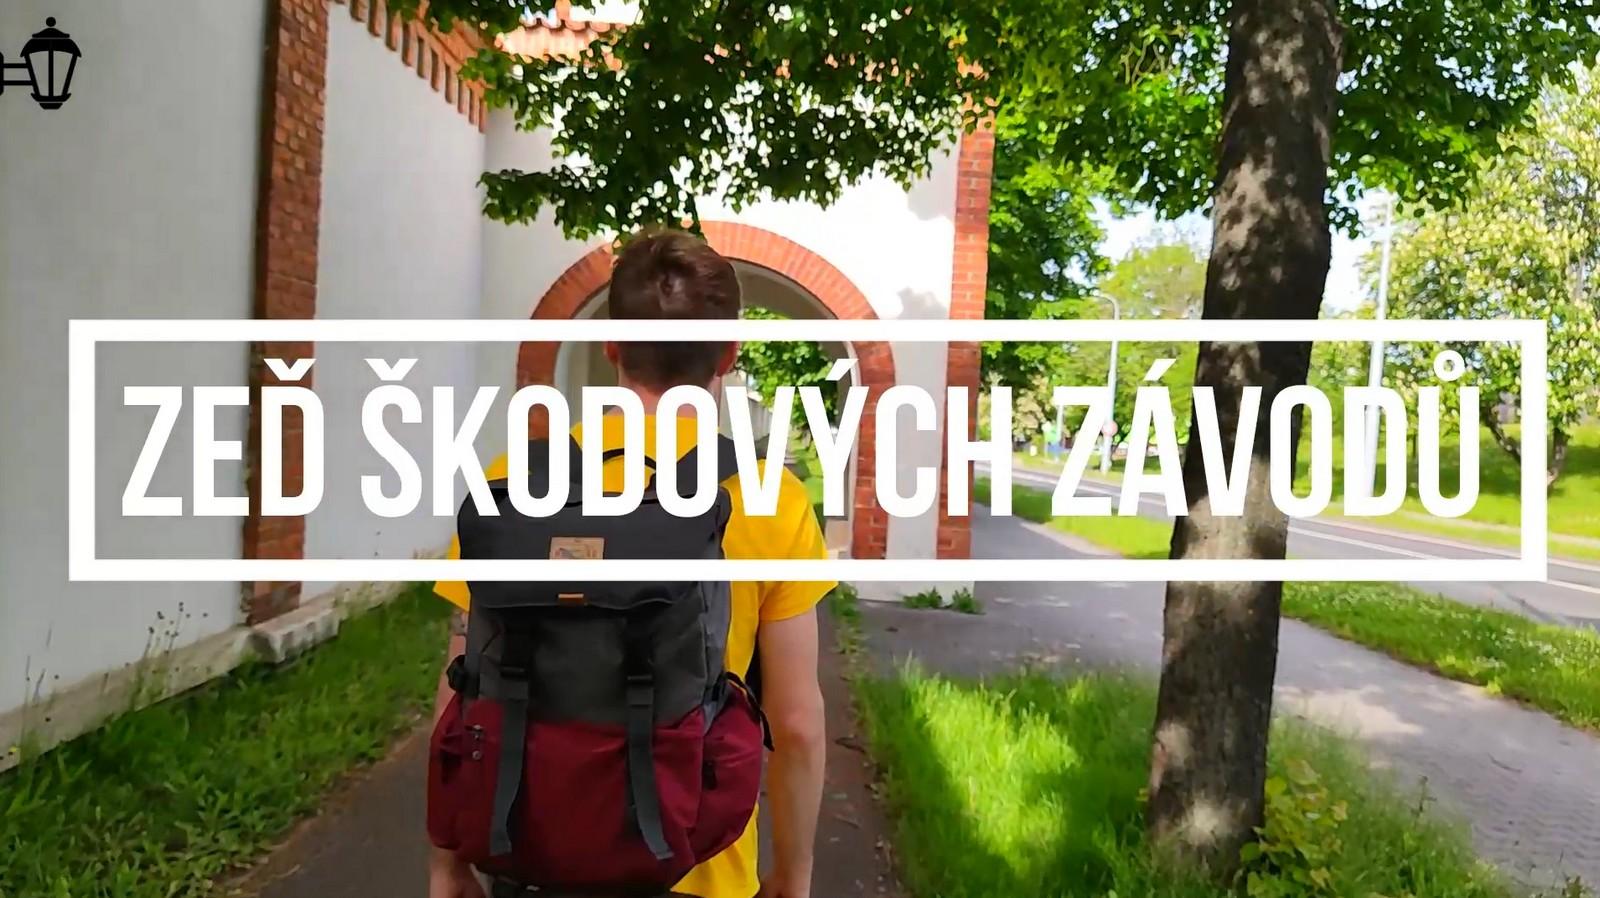 Plzeň známá neznámá: Zeď škodových závodů